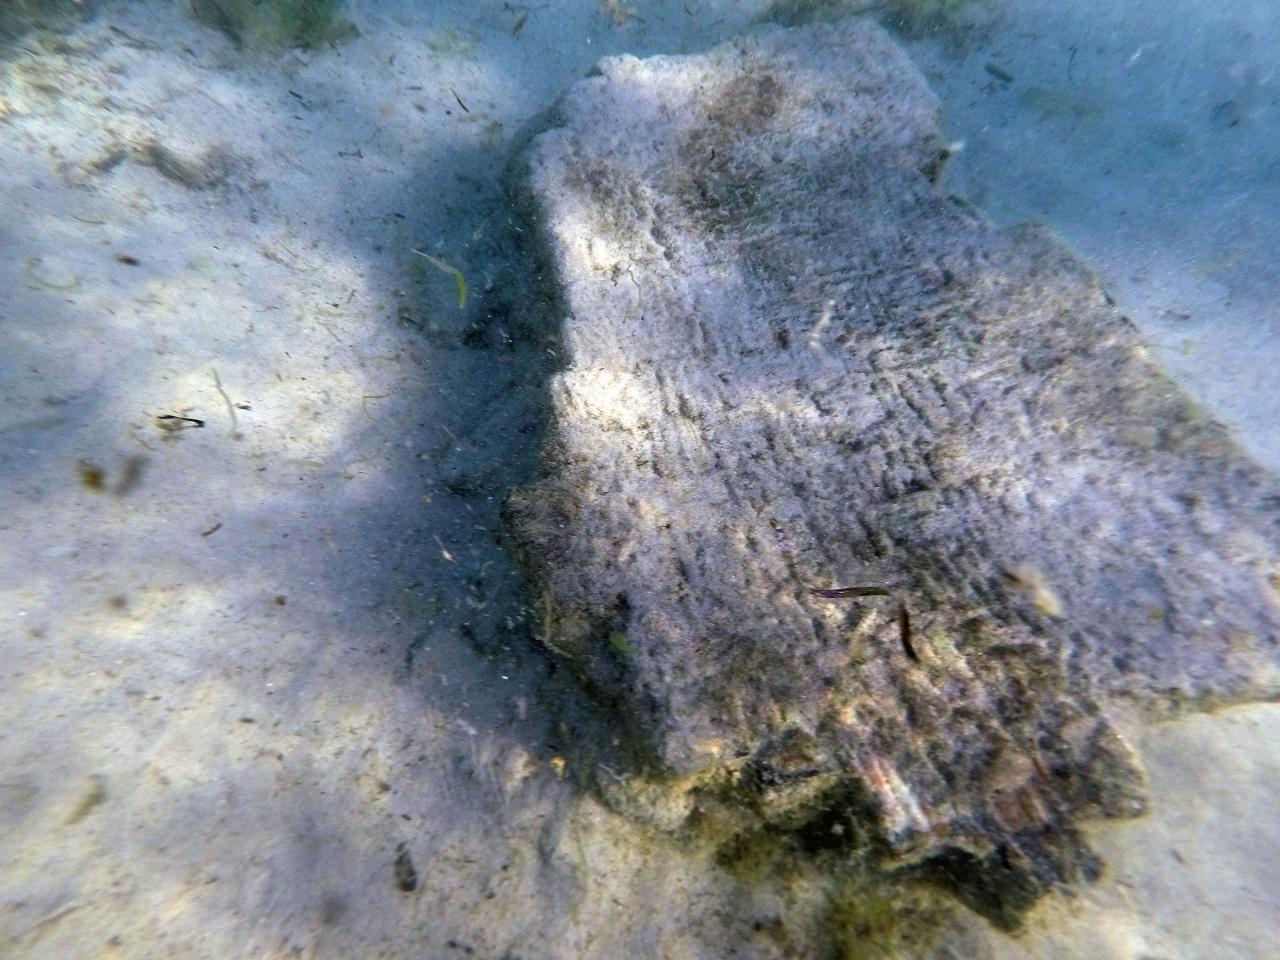 ภาพจากสถาบันมรดกแห่งชาติตูนิเซีย และมหาวิทยาลัยซาสซารี แสดงให้เห็นวัตถุโบราณใต้ทะเลในพื้นที่ที่เคยเป็นเมือง เนอาโปลิส ของอาณาจักรโรมันโบราณ